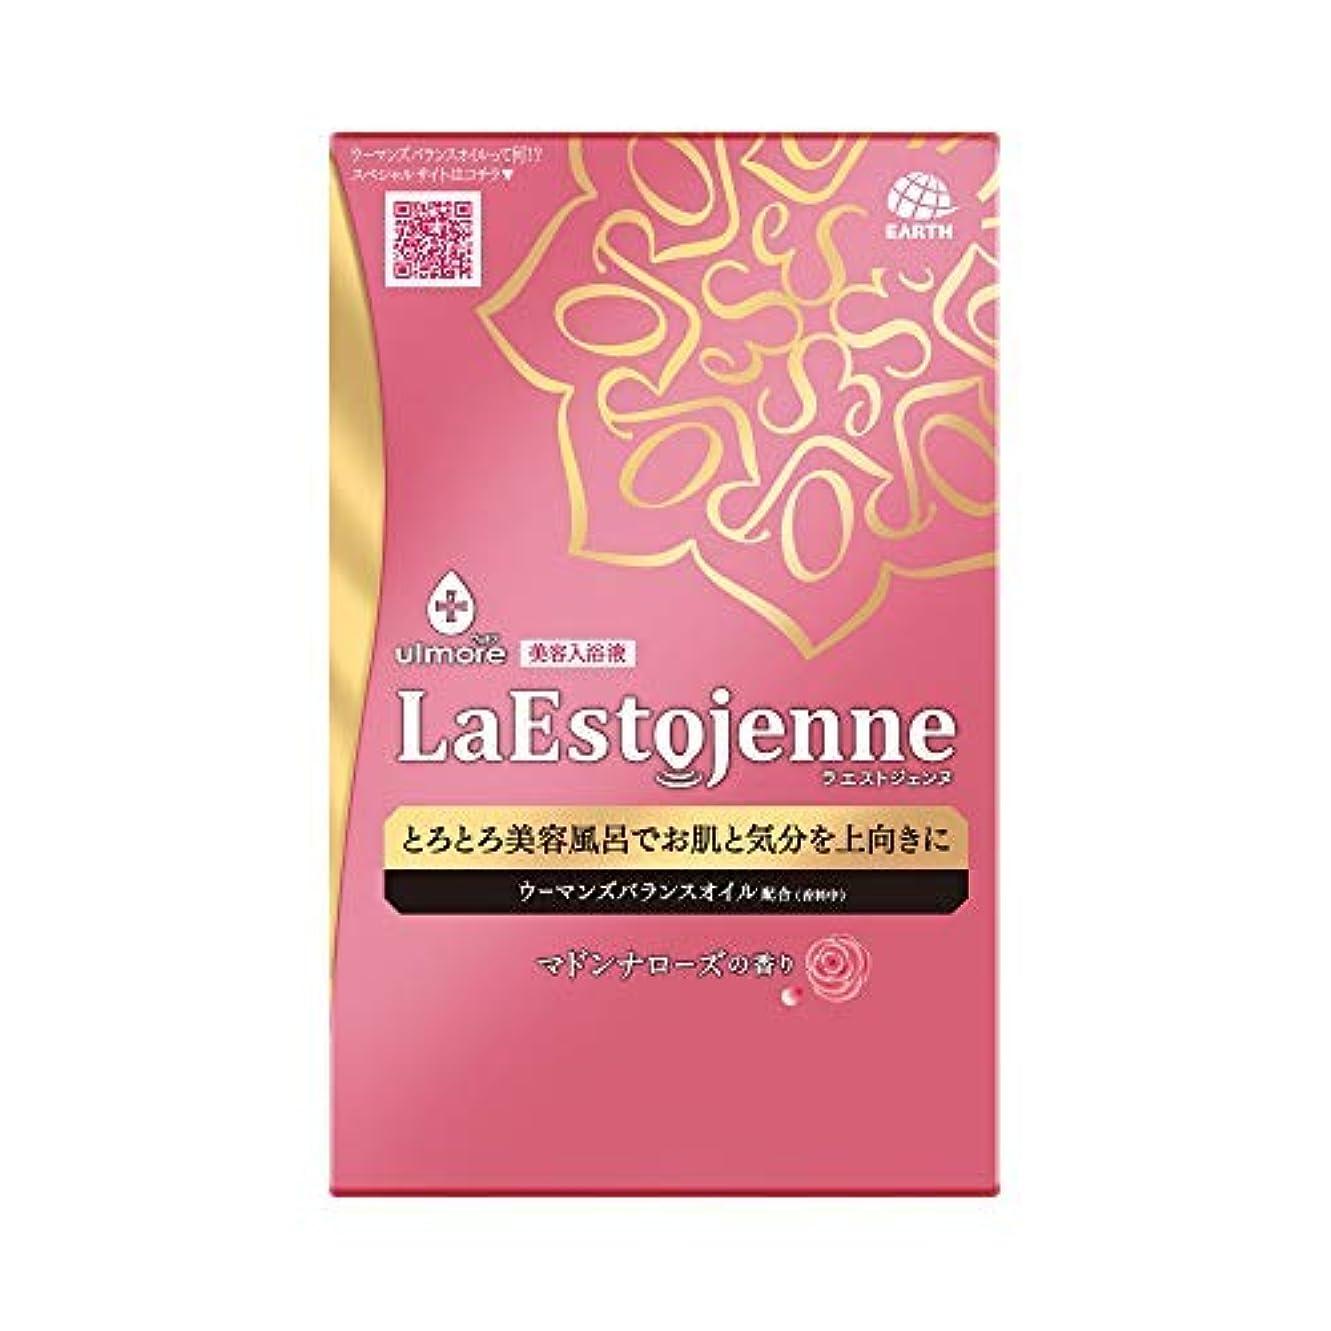 朝騒ぎ十億ウルモア ラエストジェンヌ マドンナローズの香り 3包入り × 8個セット